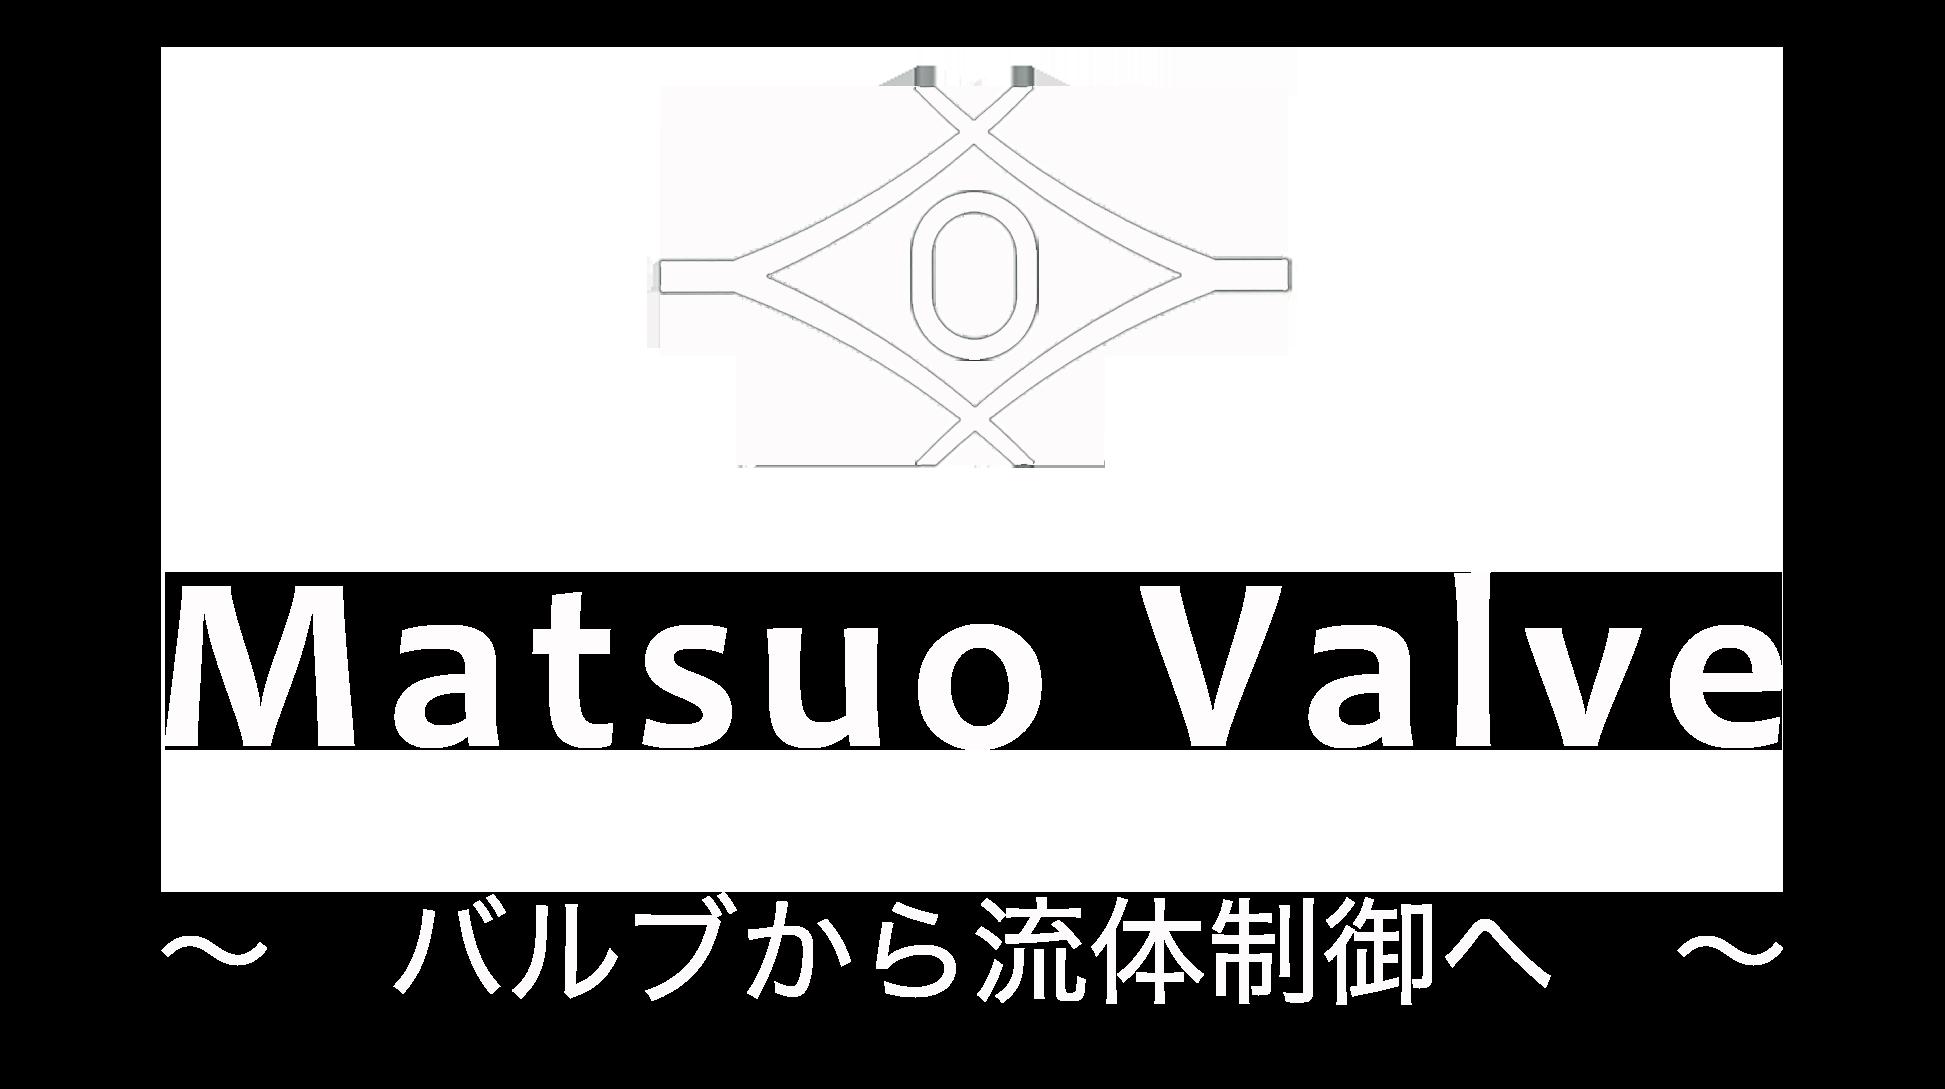 松尾バルブ工業株式会社 ロゴ